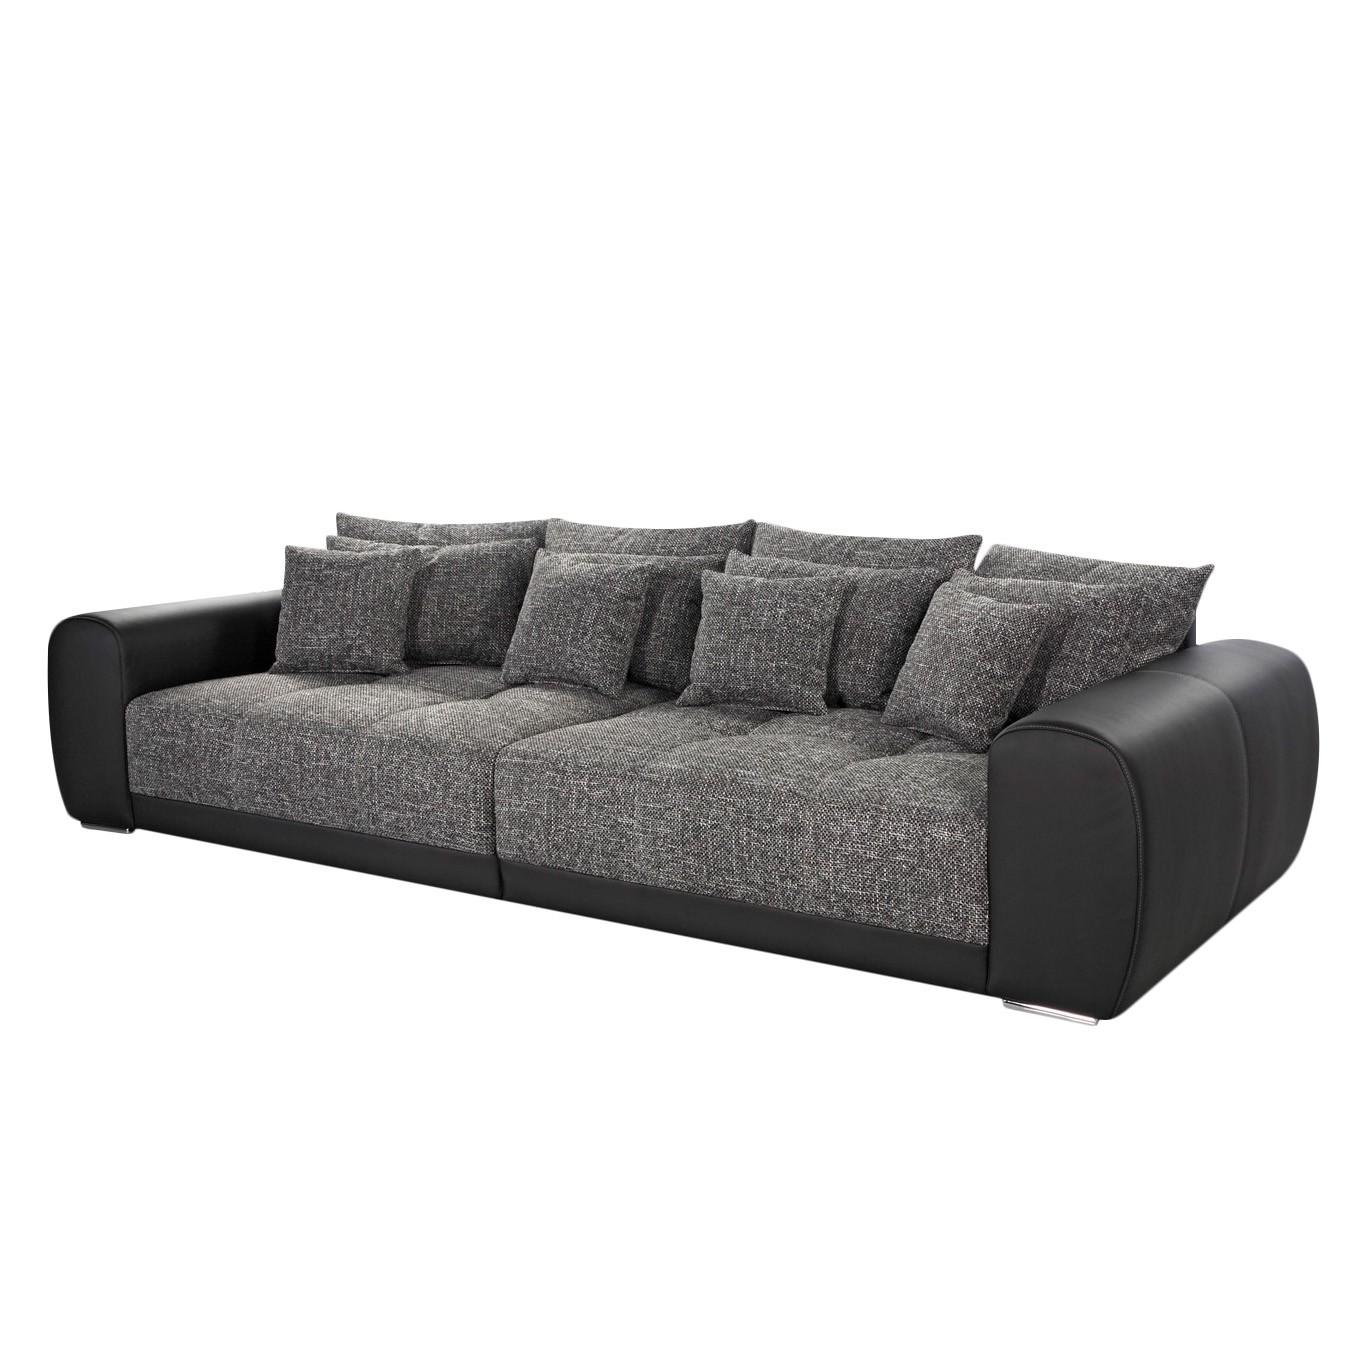 Grand canapé Pesaro - Noir / Gris, loftscape